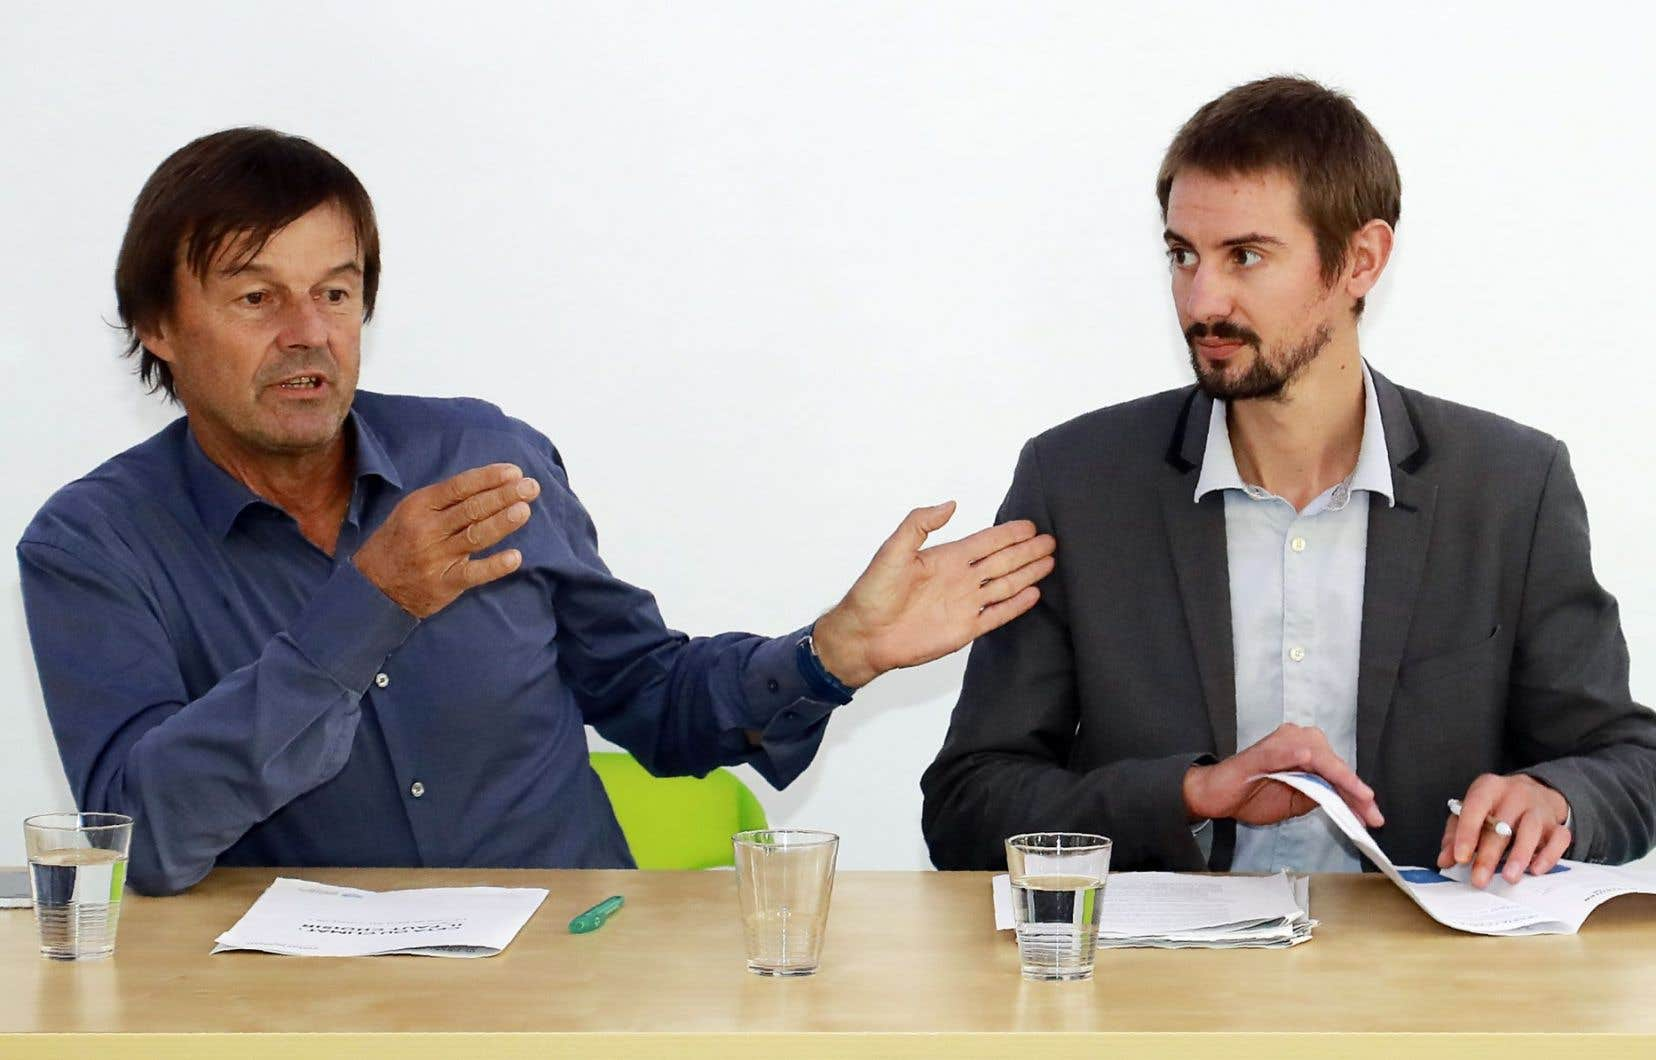 Nicolas Hulot et Denis Voisin ont soutenu devant la presse, jeudi, que l'AECG doit être rendu «climato-compatible avec les Accords de Paris» avant d'être signé.